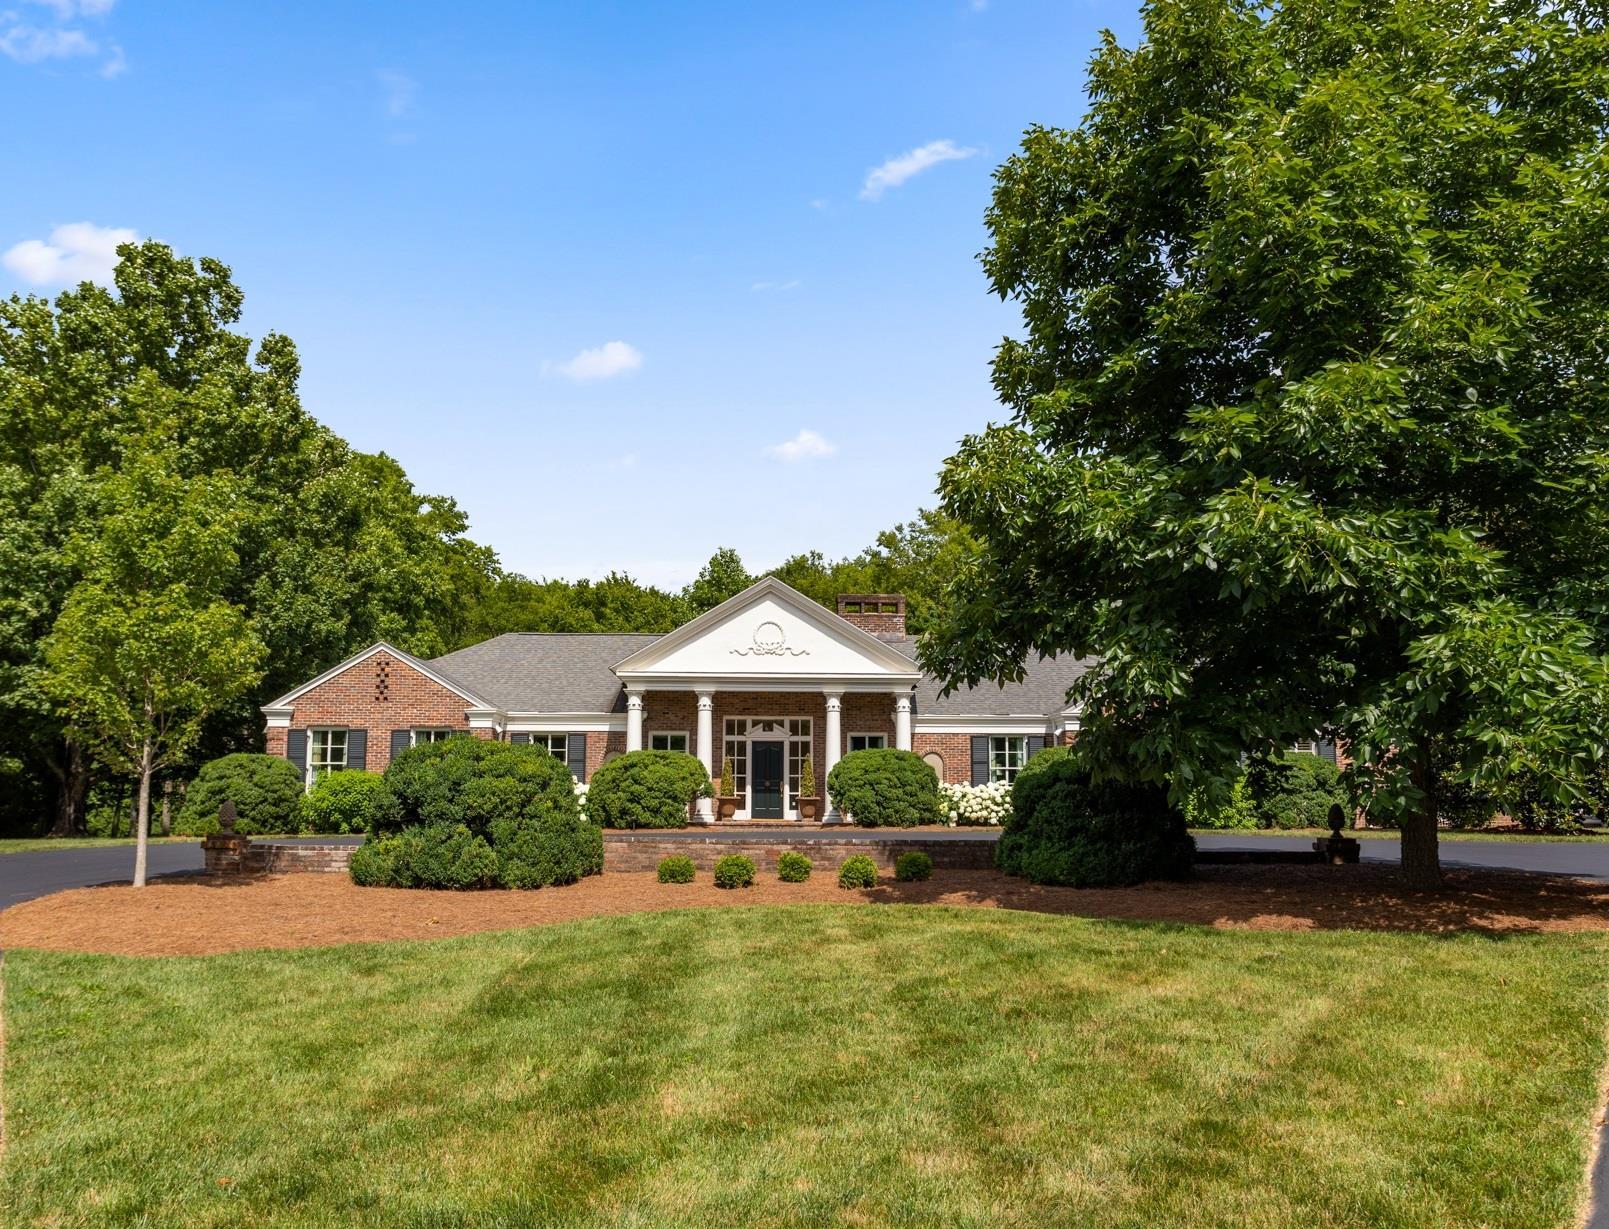 $2,850,000 - 4Br/6Ba -  for Sale in Belle Meade, Nashville